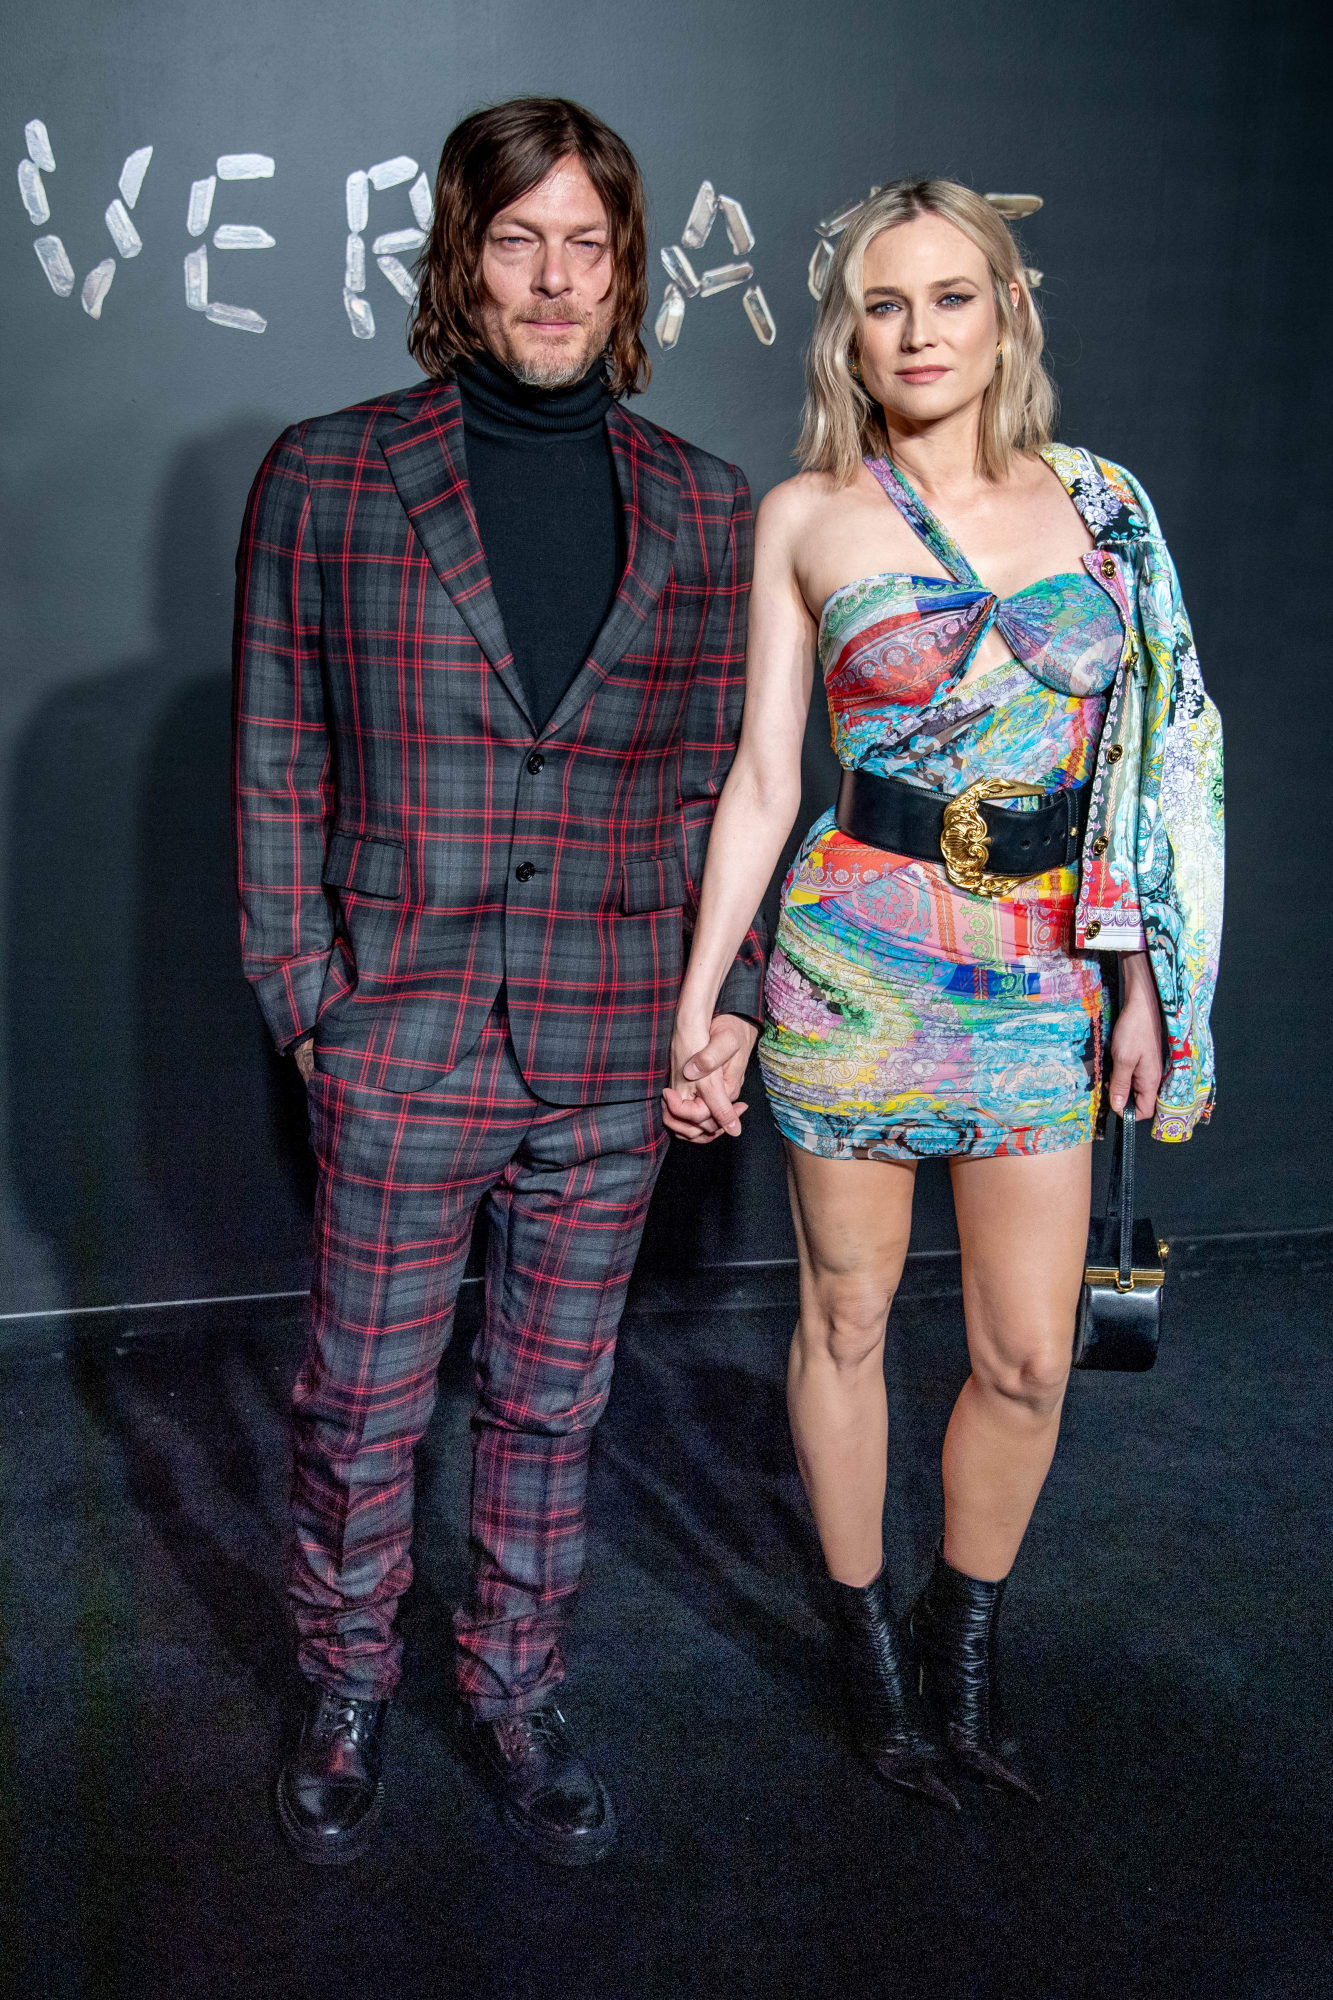 """Diane Kruger tái xuất chỉ sau 1 tháng sinh em bé đầu lòng. Cô tham dự sự kiện cùng bạn trai Norman Reedus - diễn viên trong series phim ăn khách """"The Walking Dead""""."""